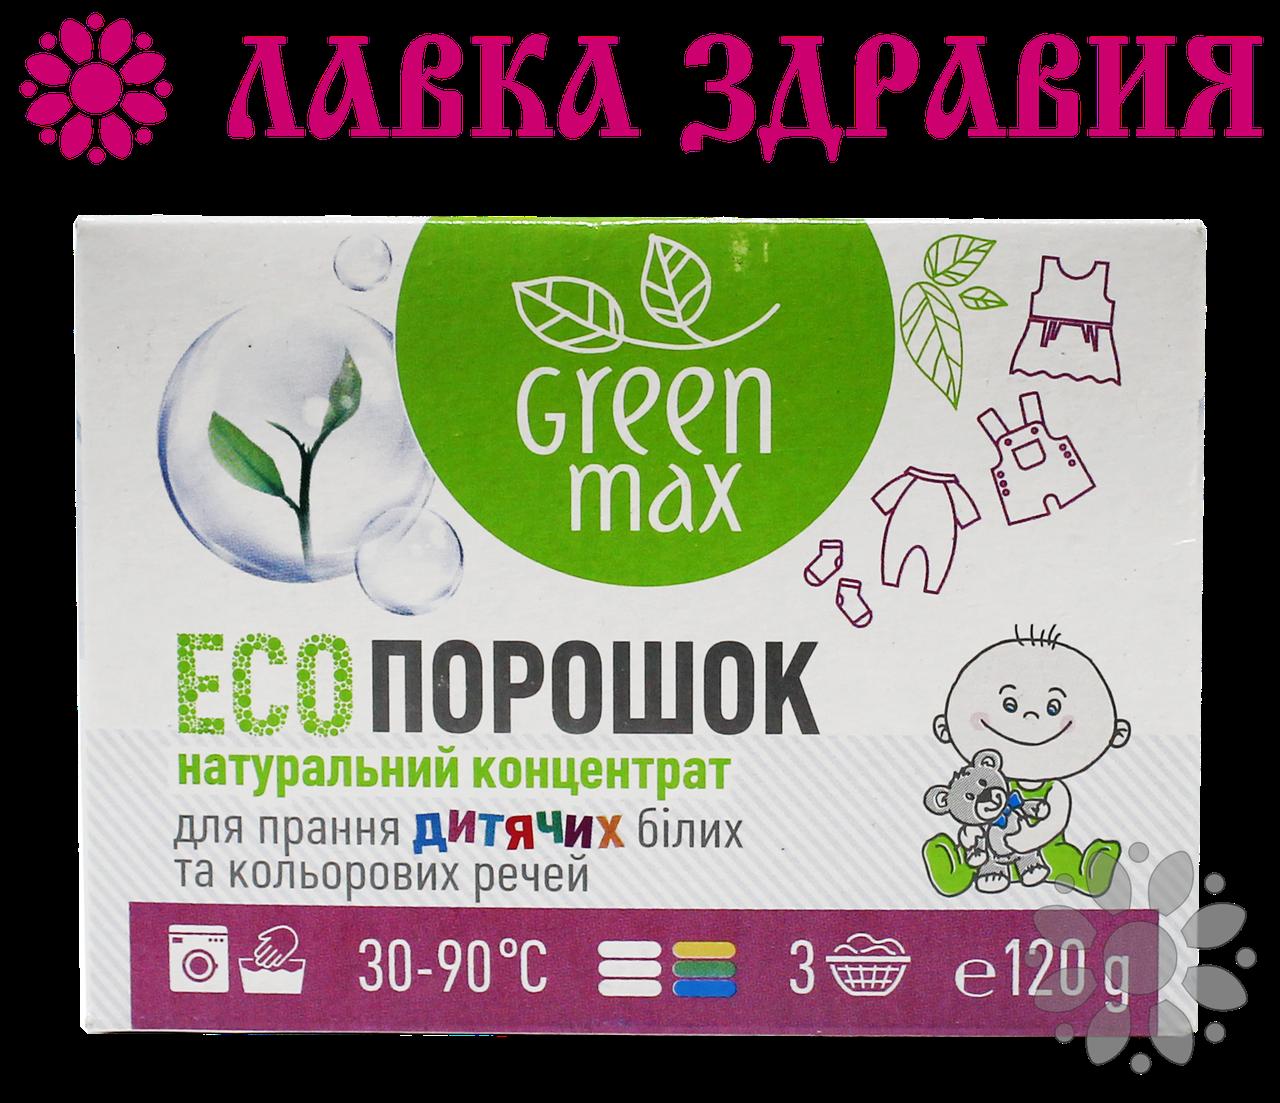 ЭКО Порошок натуральный концентрат для стирки детских вещей, 1 кг, Green Max